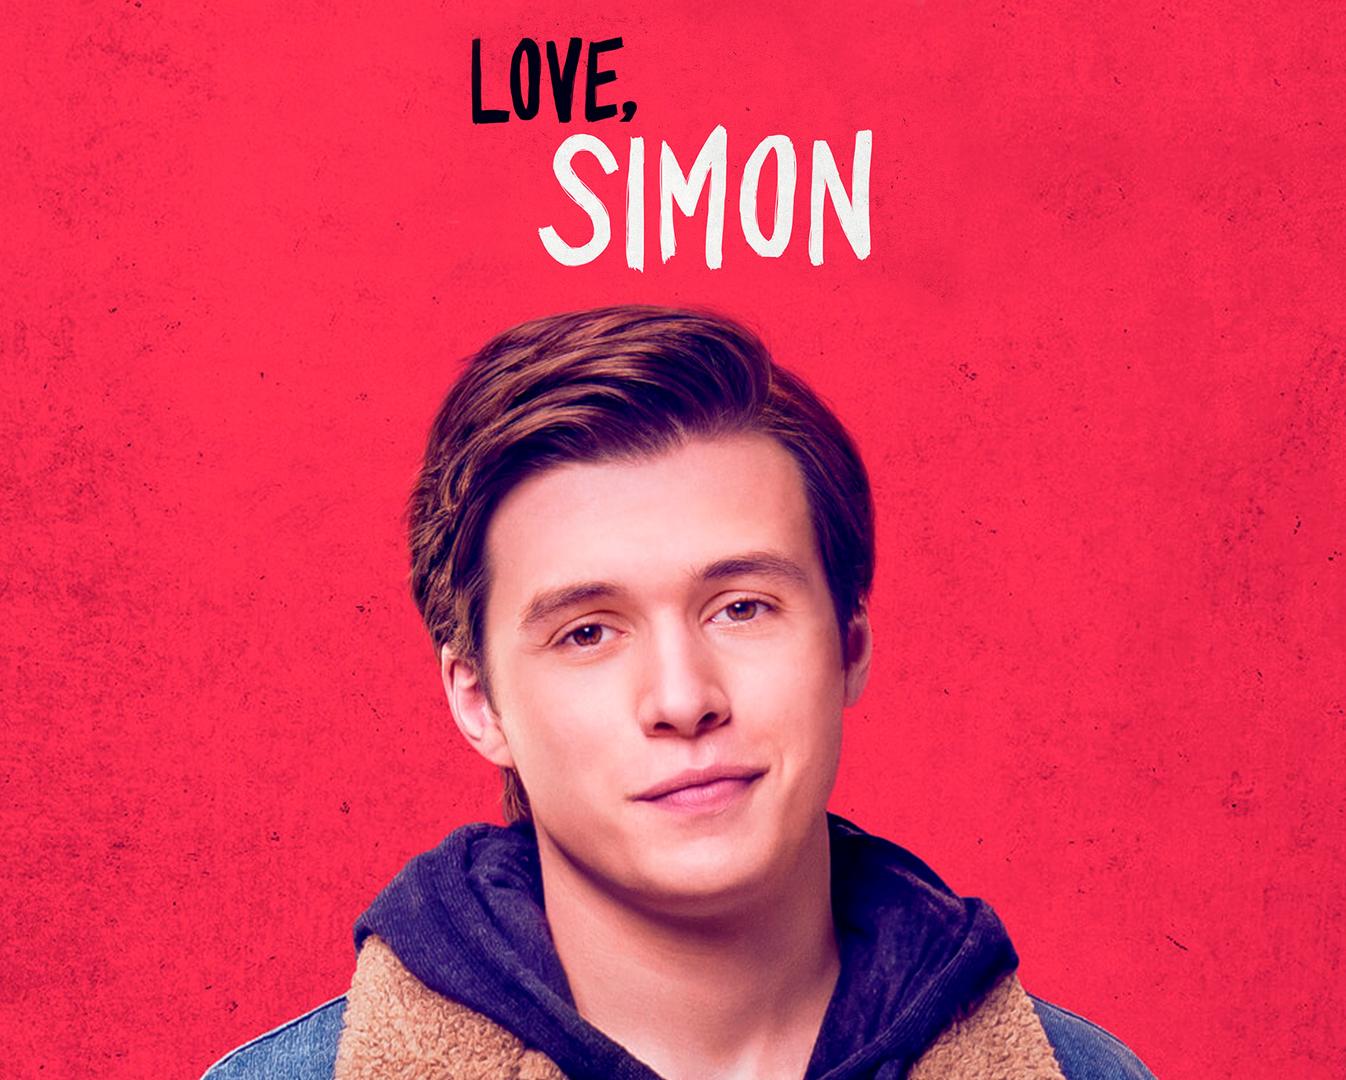 รีวิวหนัง Love Simon - อีเมล์ลับฉบับ ไซมอน ตกหลุมรักทางอินเตอร์เน็ต